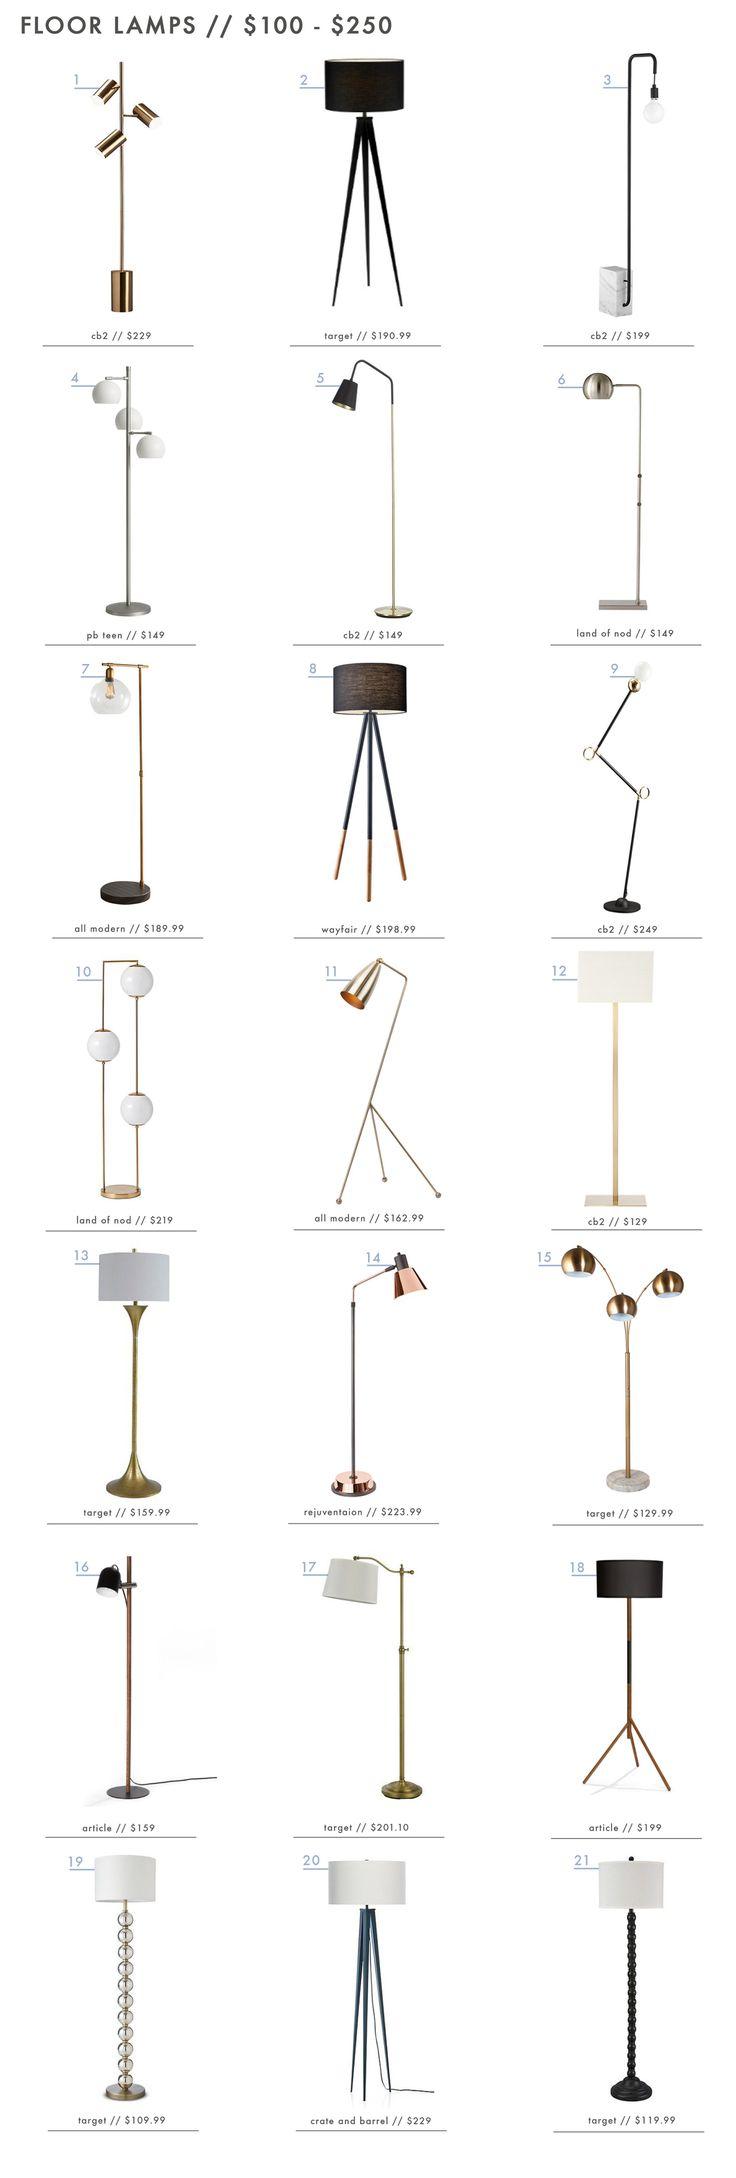 Real Pretty Floor Lamps between $100-$250